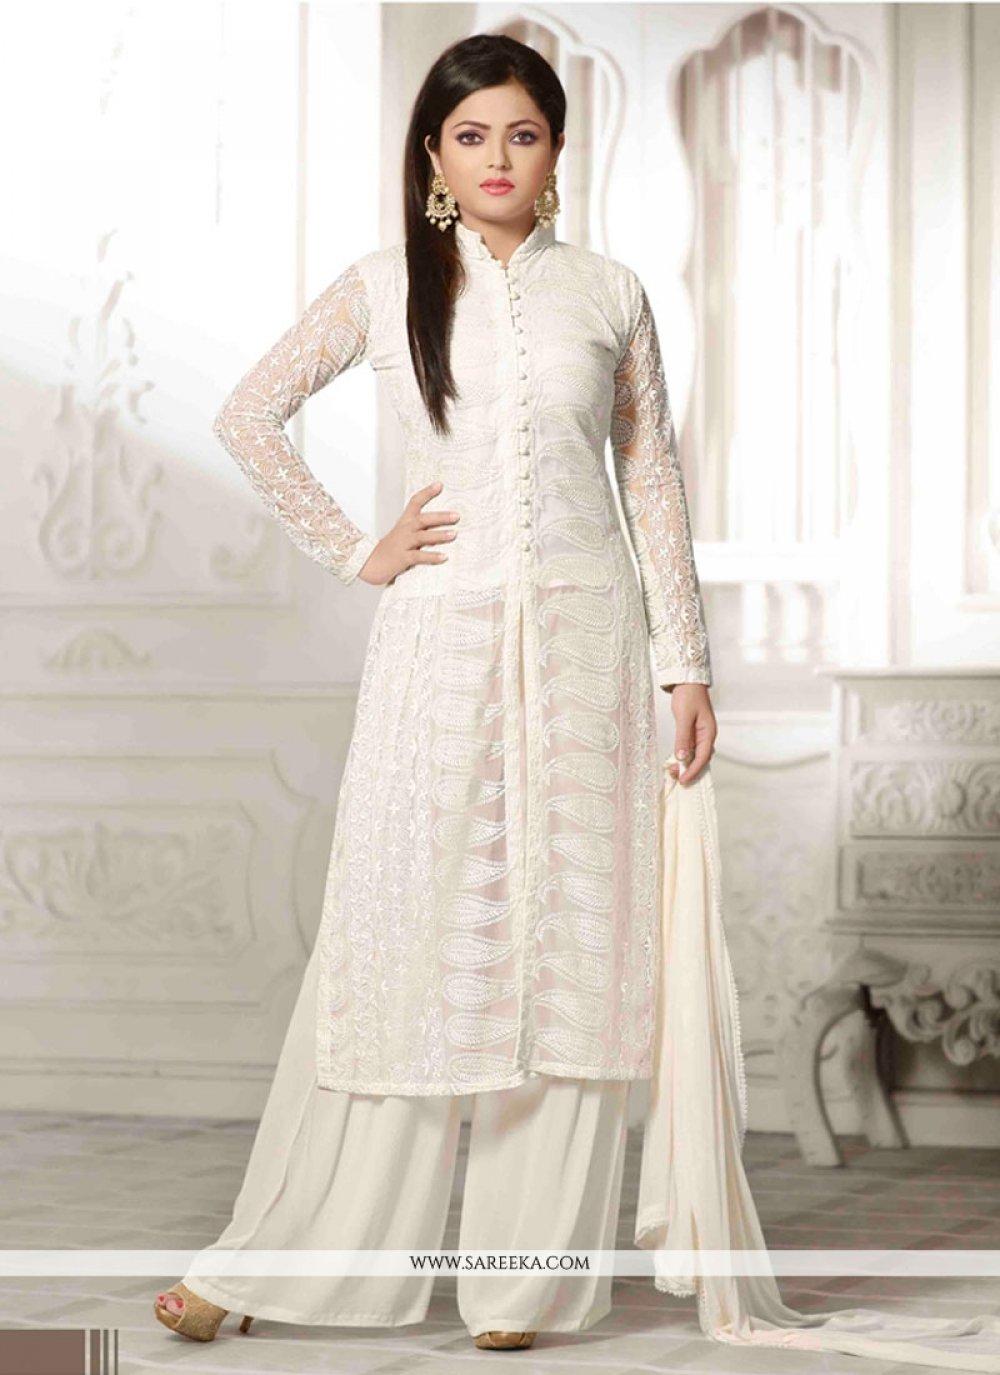 Resham Work White Net Designer Palazzo Salwar Kameez